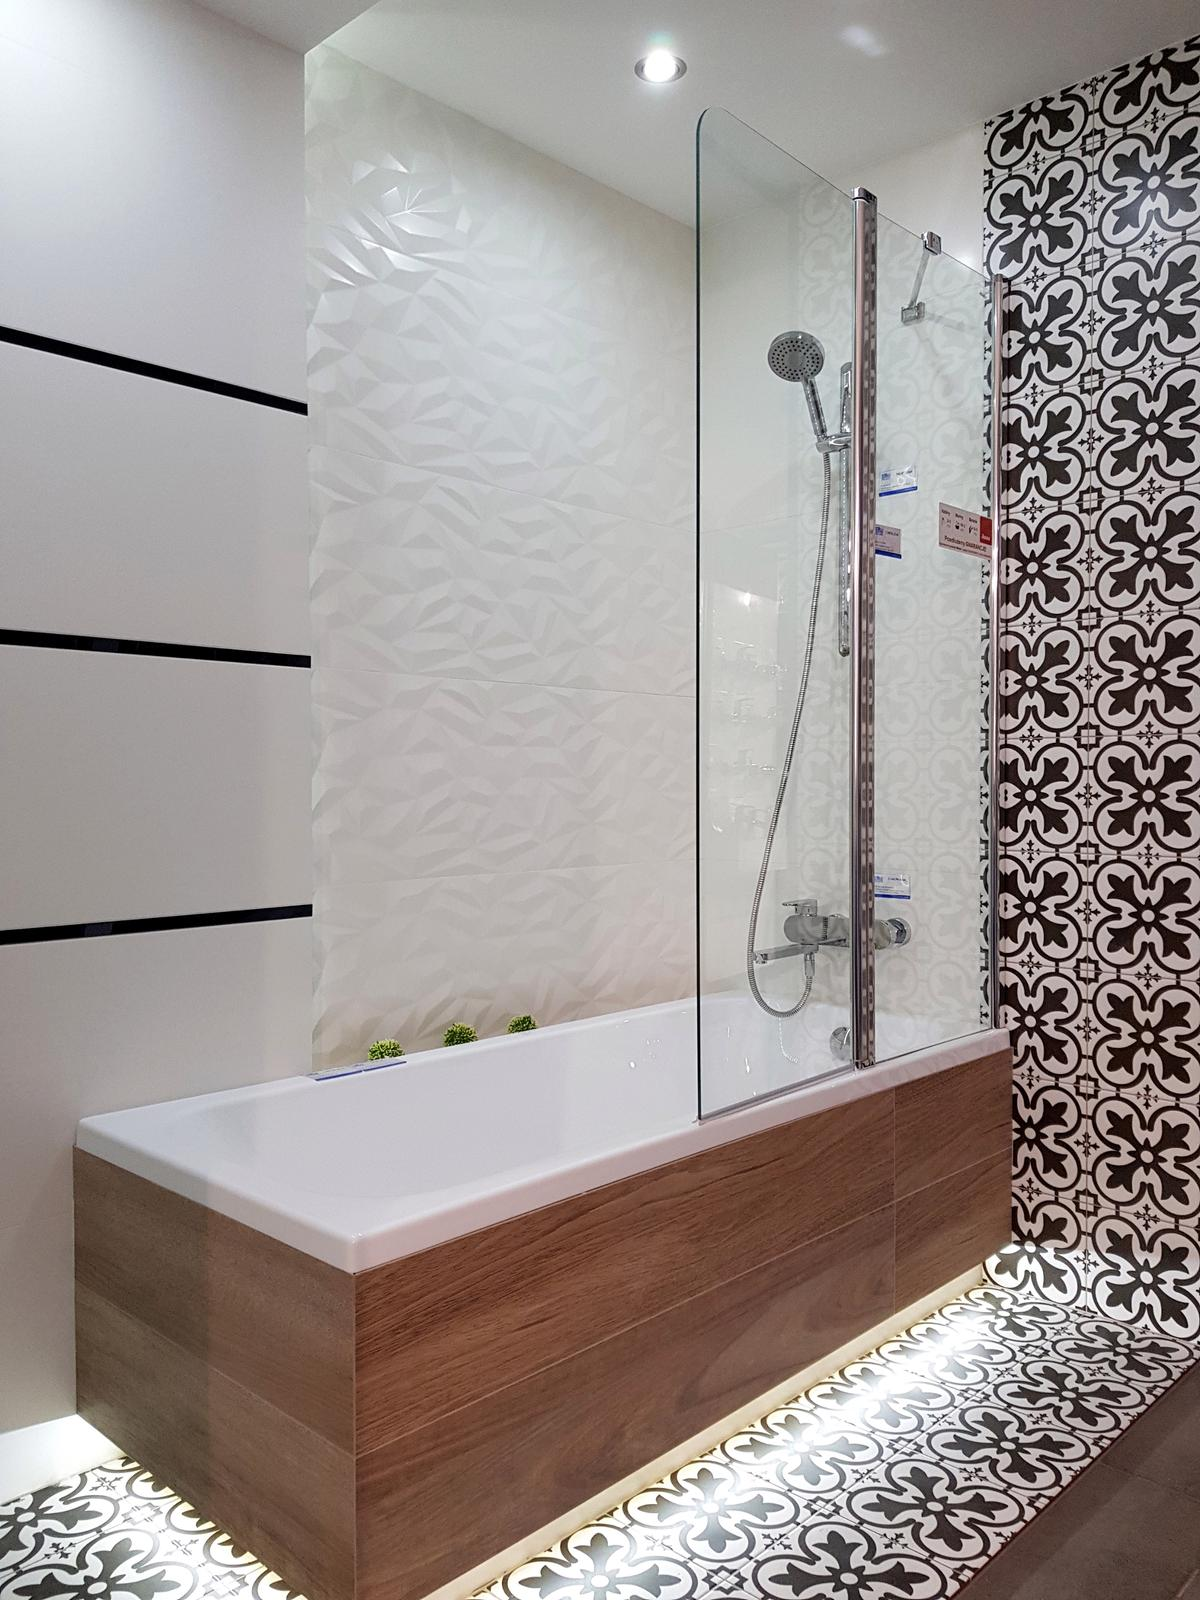 Ekspozycja łazienki - BLU salon łazienek Cieszyn - zdjęcie od BLU salon łazienek Cieszyn